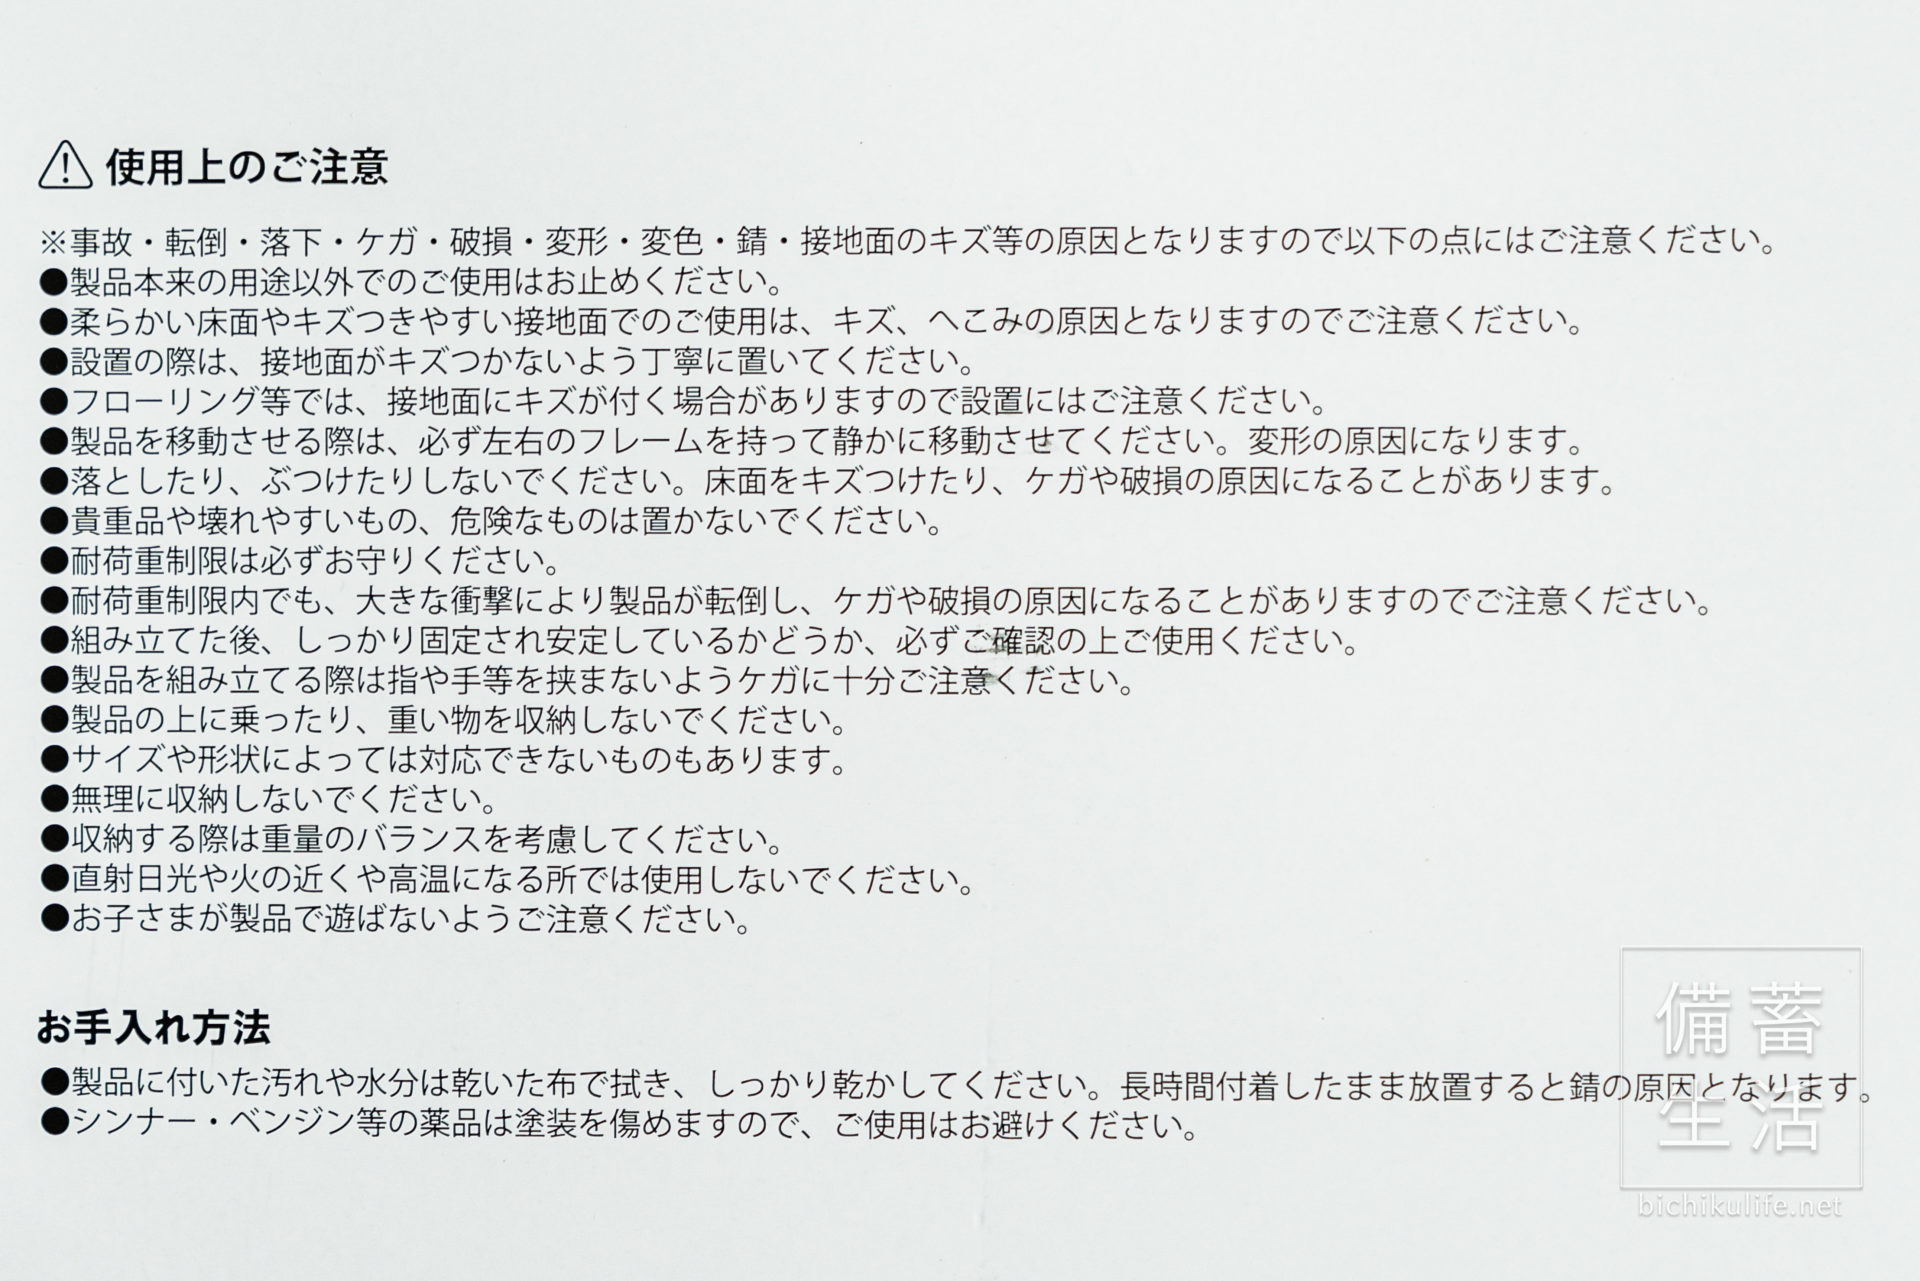 山崎実業 ダンボールストッカー収納 tower 取り扱い説明書